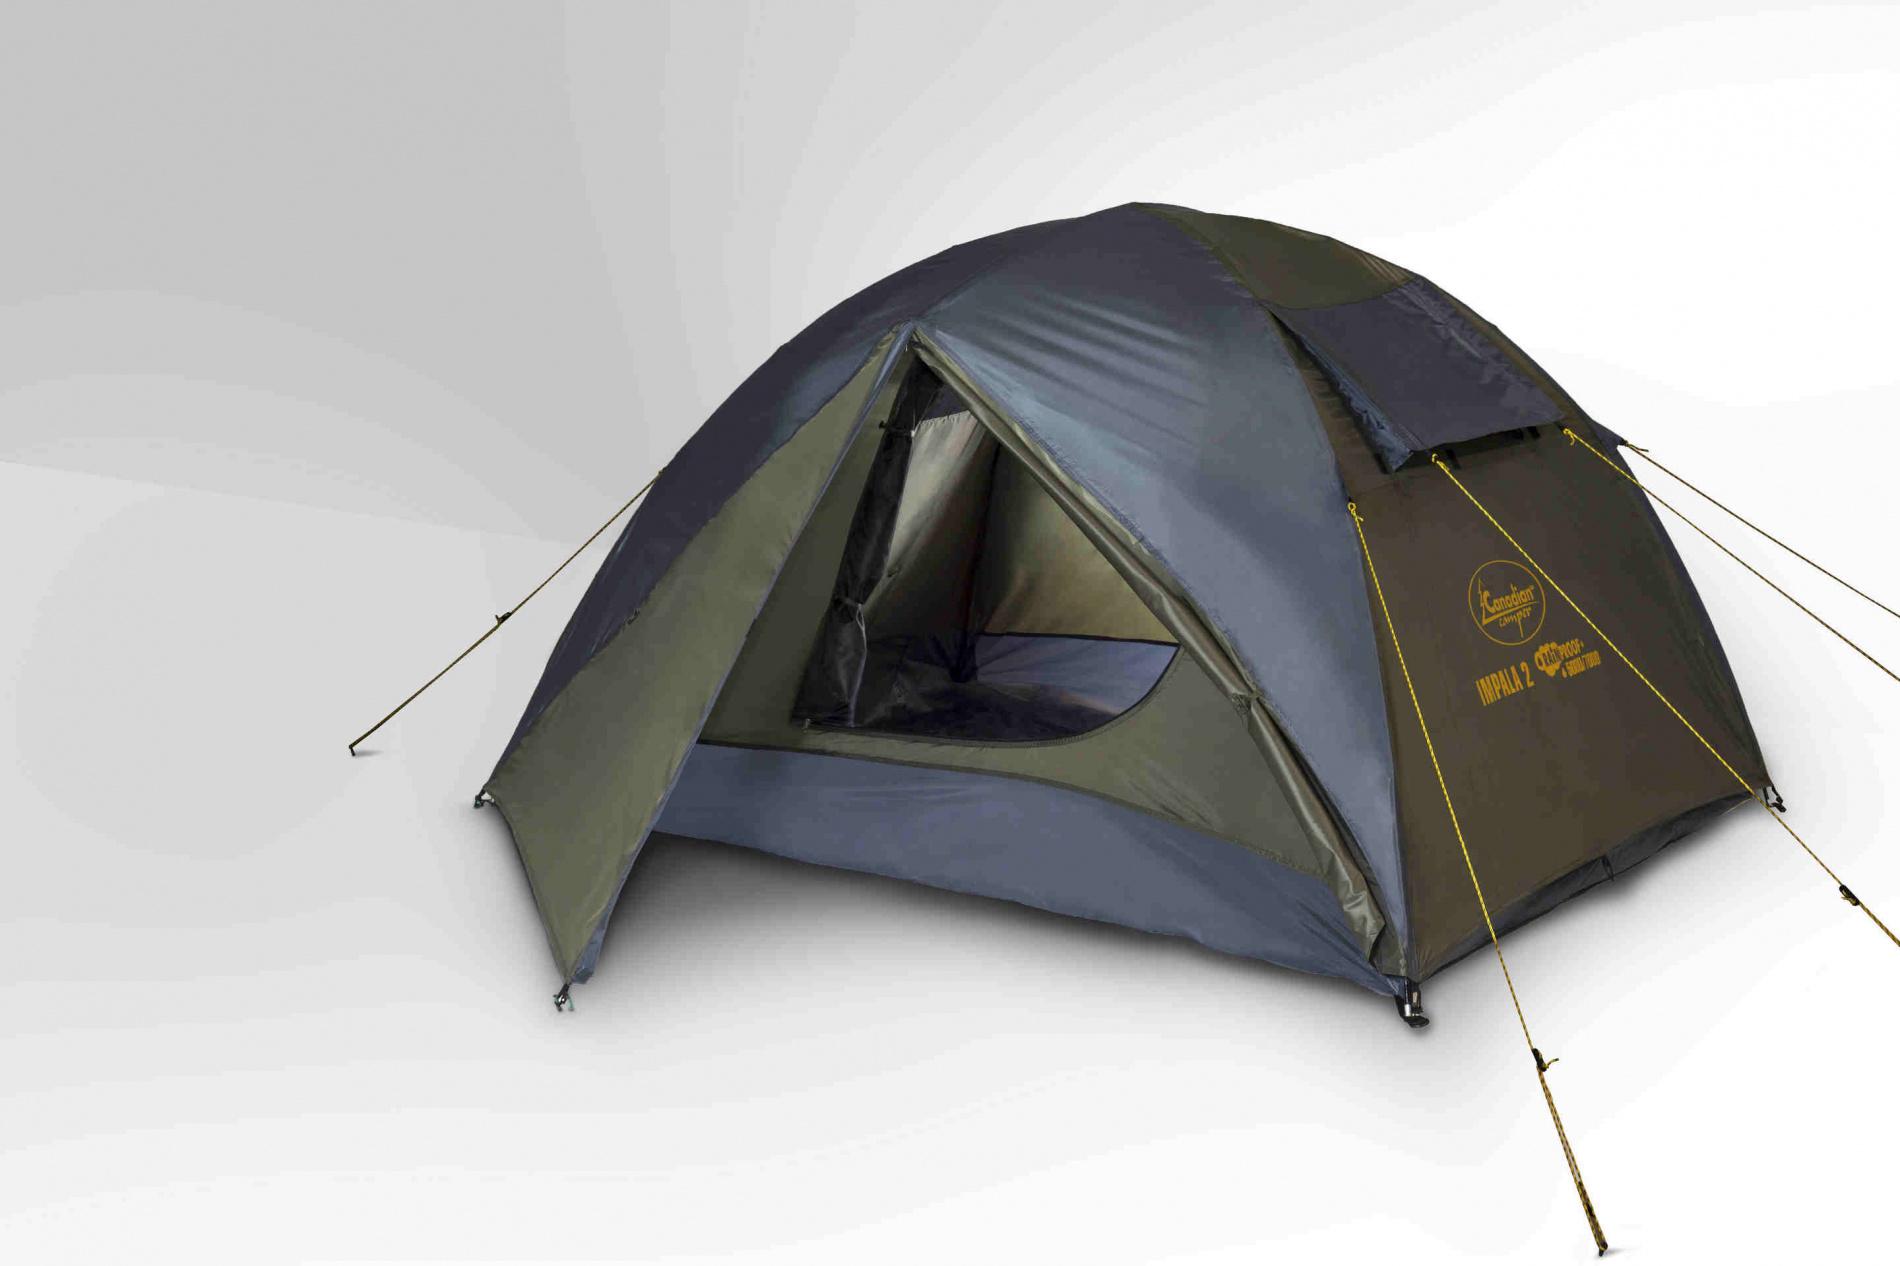 Палатка Canadian Camper IMPALA 2 (цвет forest дуги 8,5 мм)Палатки<br>Палатка IMPALA 2 (цвет forest дуги 8,5 мм) предназначена <br>для походов низкой и средней сложности <br>на протяжении теплого времени года, ограничено <br>может использоваться поздней осенью в краткосрочных <br>выездах на природу. Конструктивно состоит <br>из тента (внешней палатки) и внутренней <br>палатки полусферической формы. Для изготовления <br>тента и дна внутренней палатки использован <br>прочный полиэстер водонепроницаемостью <br>4000 мм р.ст., и 6000 мм. р.ст. соответственно. <br>В качестве материала для купола внутренней <br>палатки использован нейлон.<br>Характеристики<br>Внутренняя палатка - есть<br>Количество мест - 2<br>Тип каркаса -&amp;nbsp;внутренний<br>Количество входов/комнат - 2/1<br>Количество тамбуров - 2<br>Вентиляционные окна - есть<br>Штормовые оттяжки - есть<br>Внутренние карманы - есть<br>Штормовые оттяжки - есть<br>Возможность крепления фонарика - есть<br>Навес - нет<br>Водостойкость тента/дна - 4000/6000 мм в.ст.<br>Герметизация швов - проклеенные<br>Ветрозащитная/снегозащитная юбка - нет<br>Противомоскитная сетка - есть<br>Защита от ультрафиолета - есть<br>Огнеупорная пропитка - есть<br>Размеры внешней палатки (ДхШхВ) - 360x250x135 <br>см<br>Размеры внутренней палатки (ДхШхВ) - 180x210x130 <br>см<br>Вес - 3,7 кг<br><br>Сезон: лето<br>Цвет: оливковый